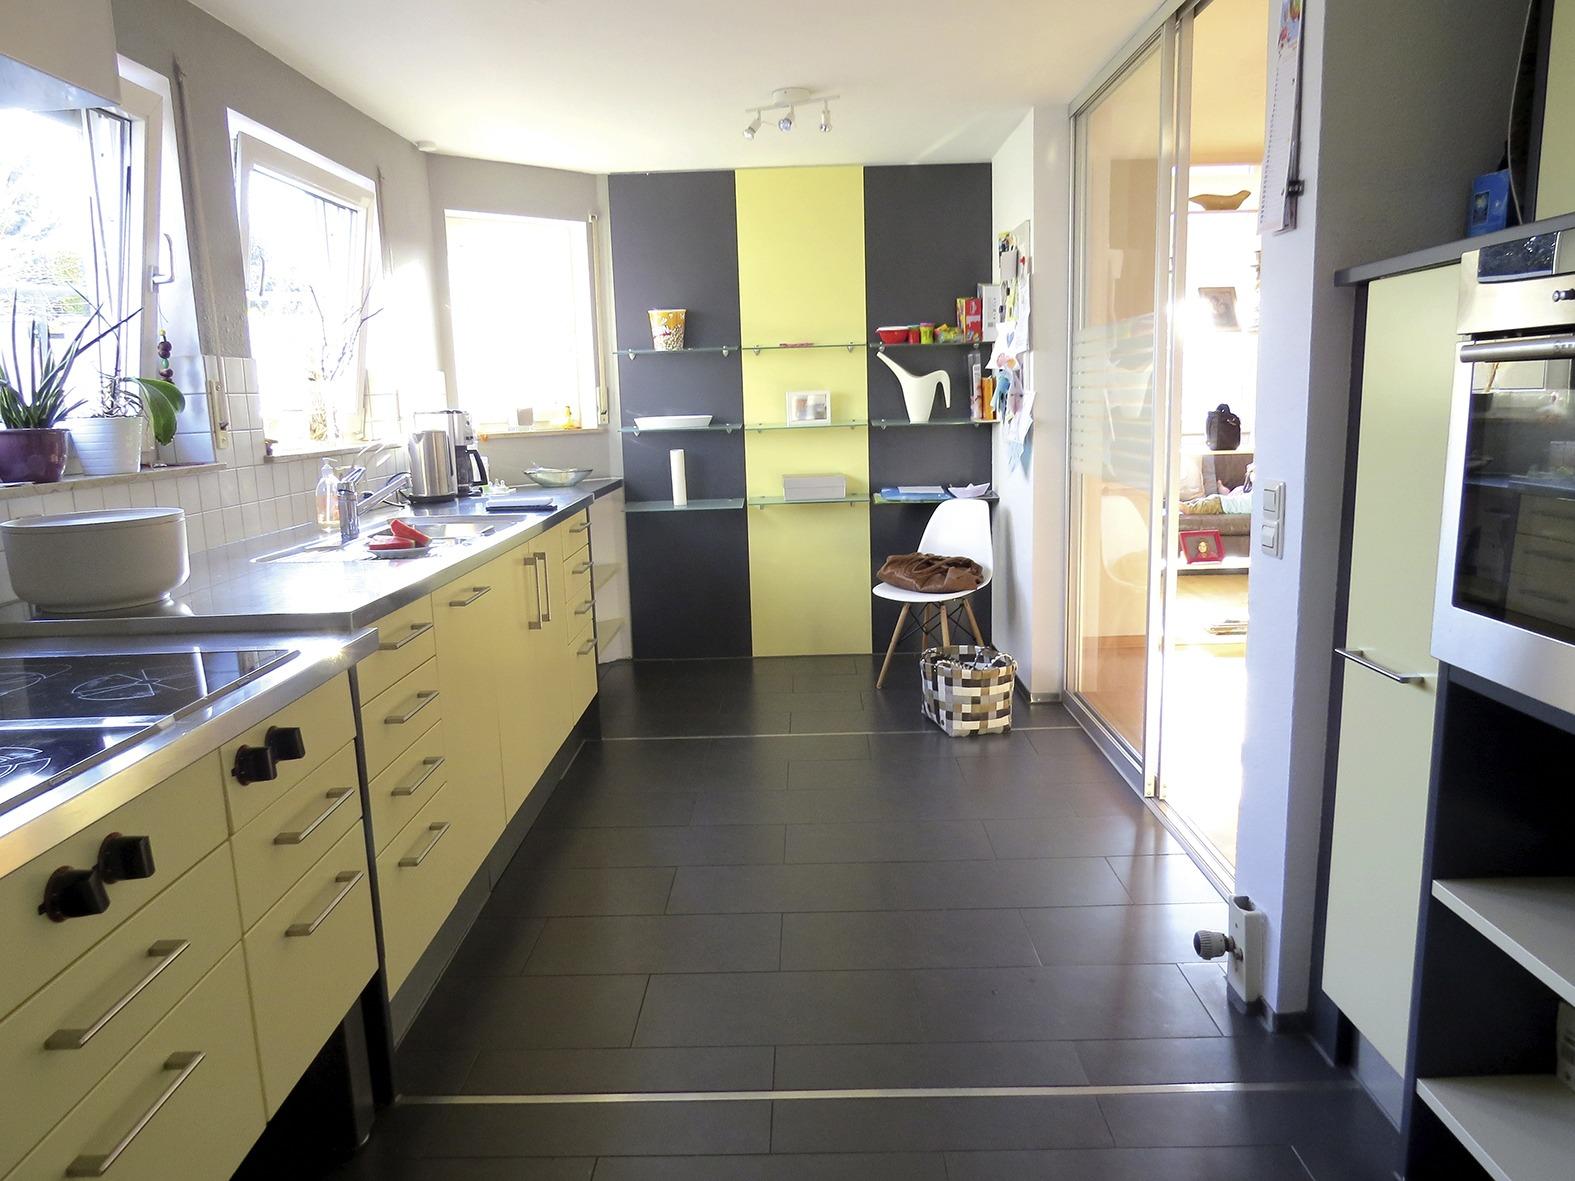 1 Zimmer Wohnung Zu Vermieten 73230 Kirchheim Unter Teck Mapionet K ...